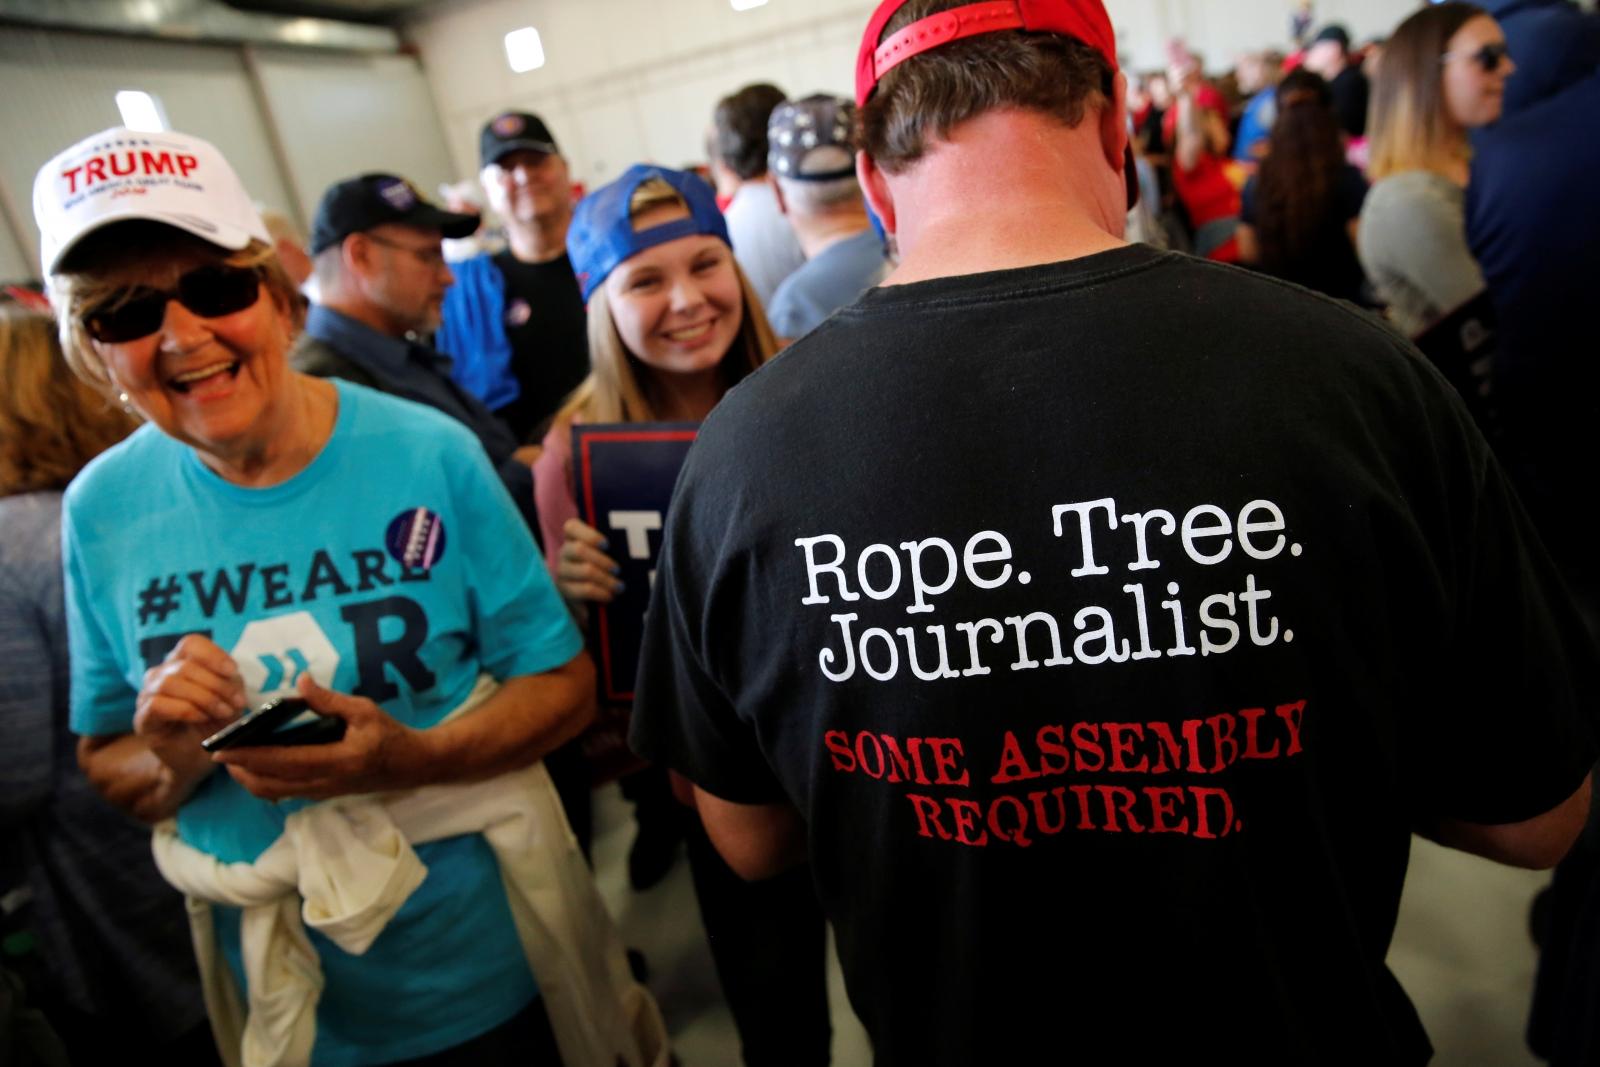 Trump supporter t-shirt